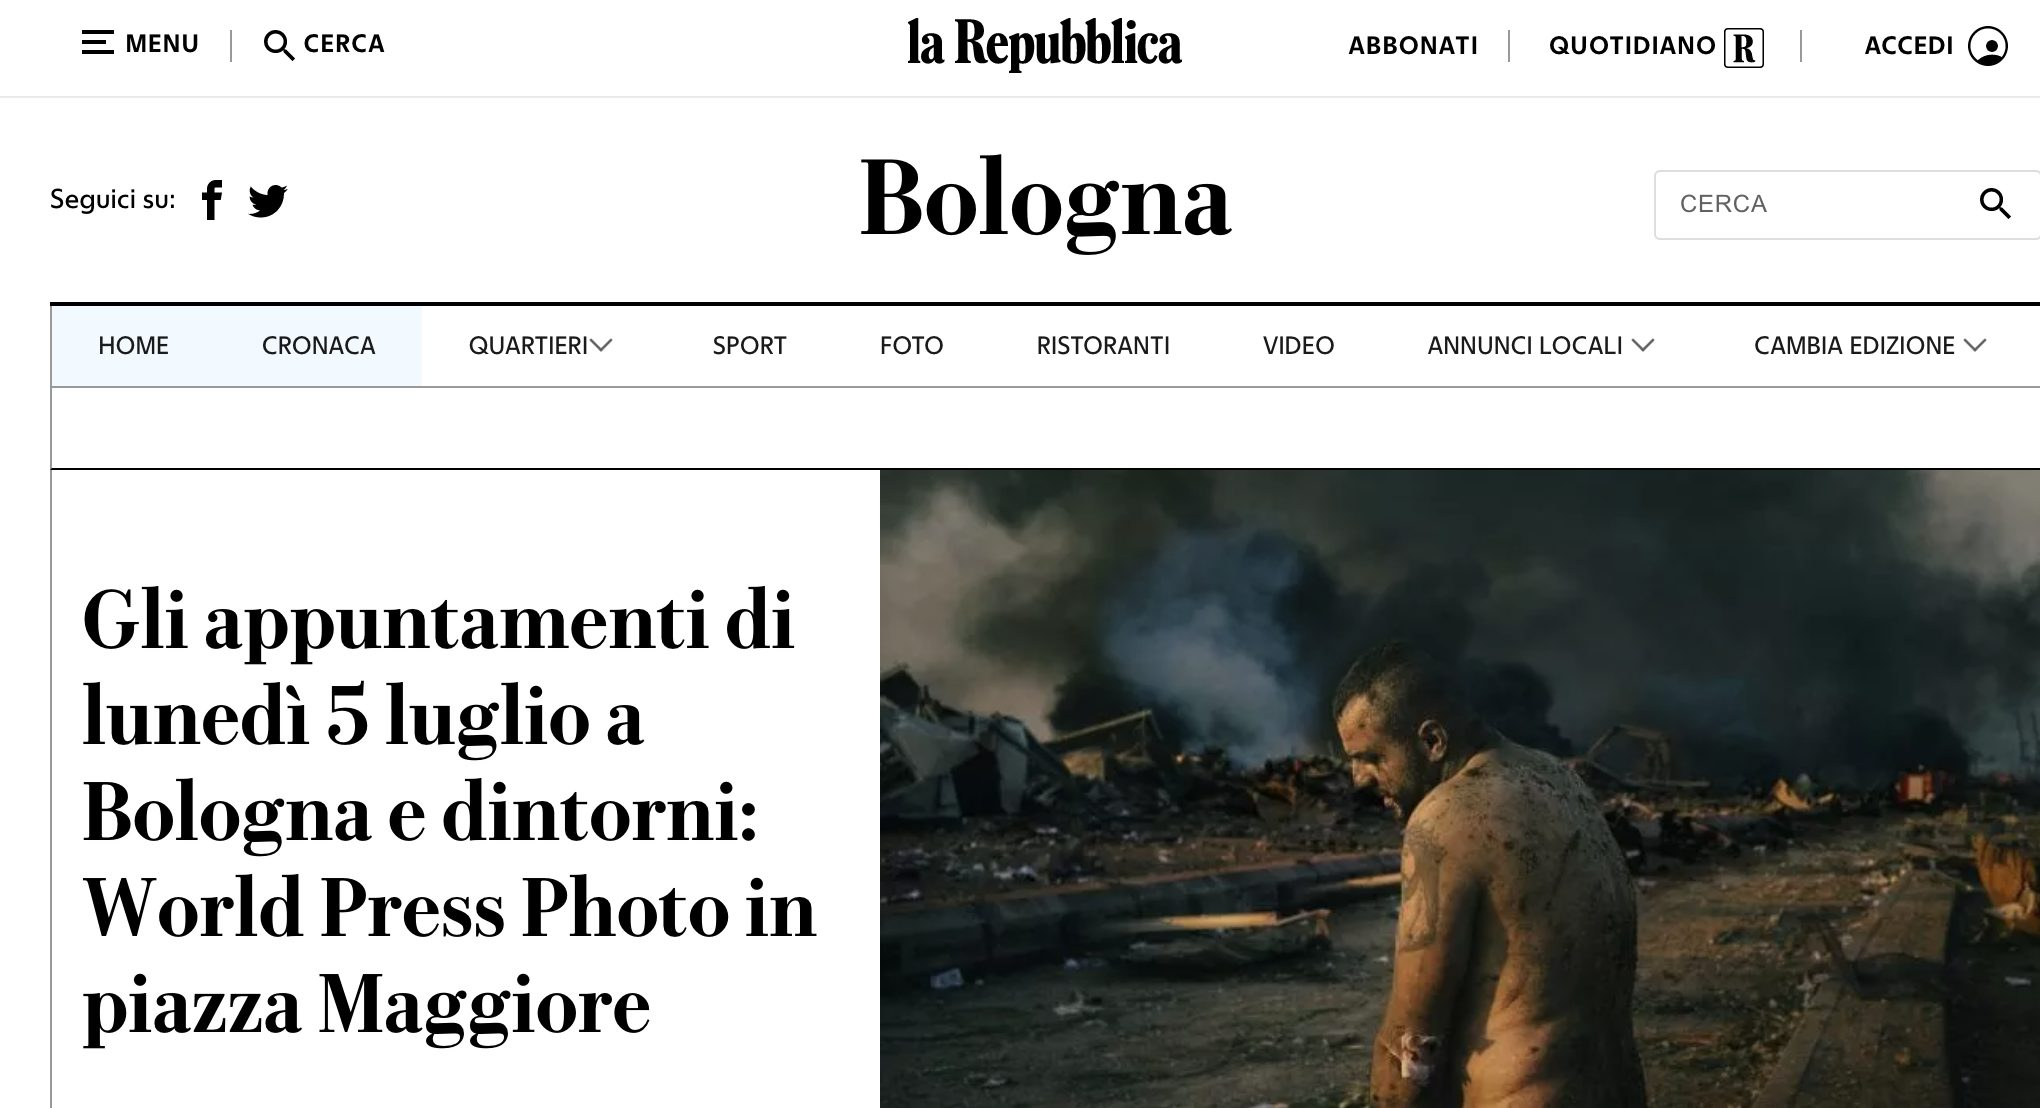 world press photo bologna repubblica